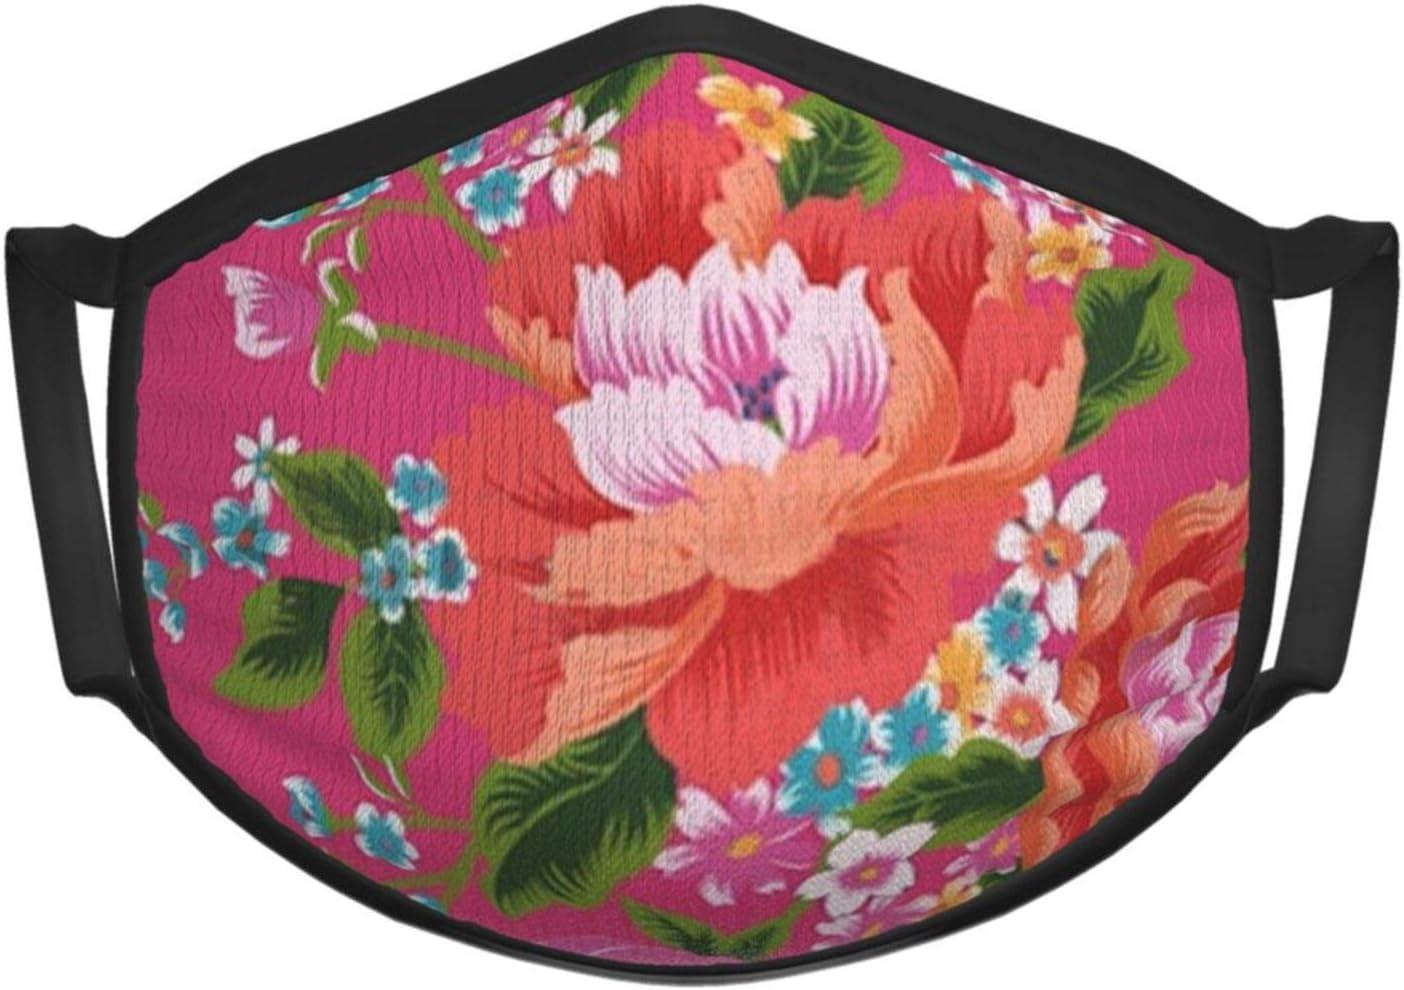 Best&Taiwan - Pañuelo tradicional para niños con protección UV para la cara y el cuello, reutilizable, transpirable, para niños de 5 a 12 años